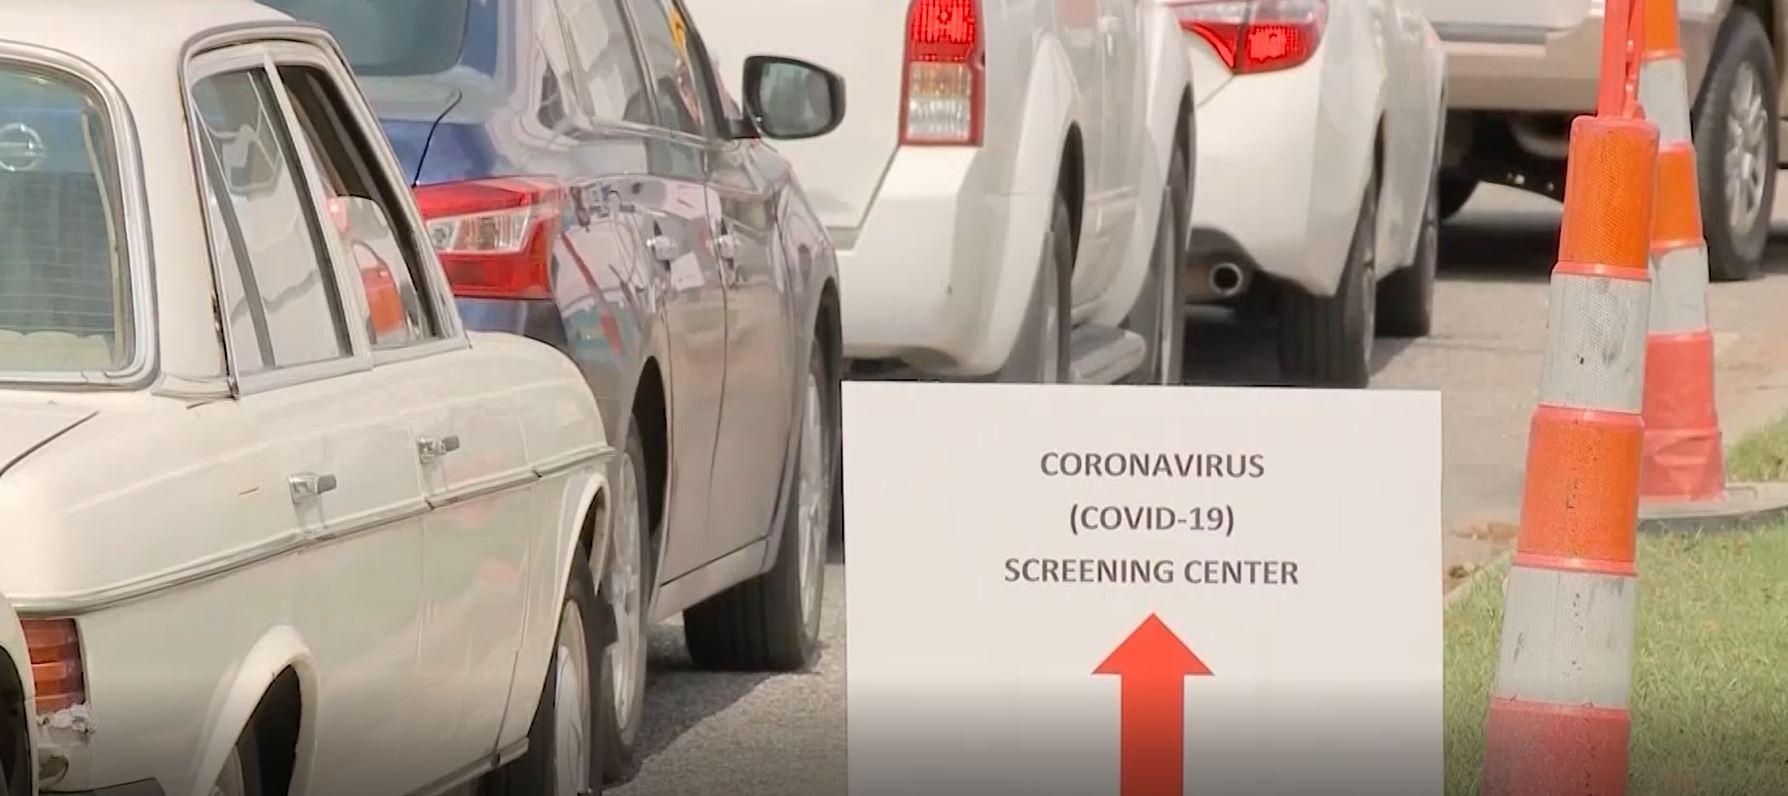 COVID-19 testing sites & news